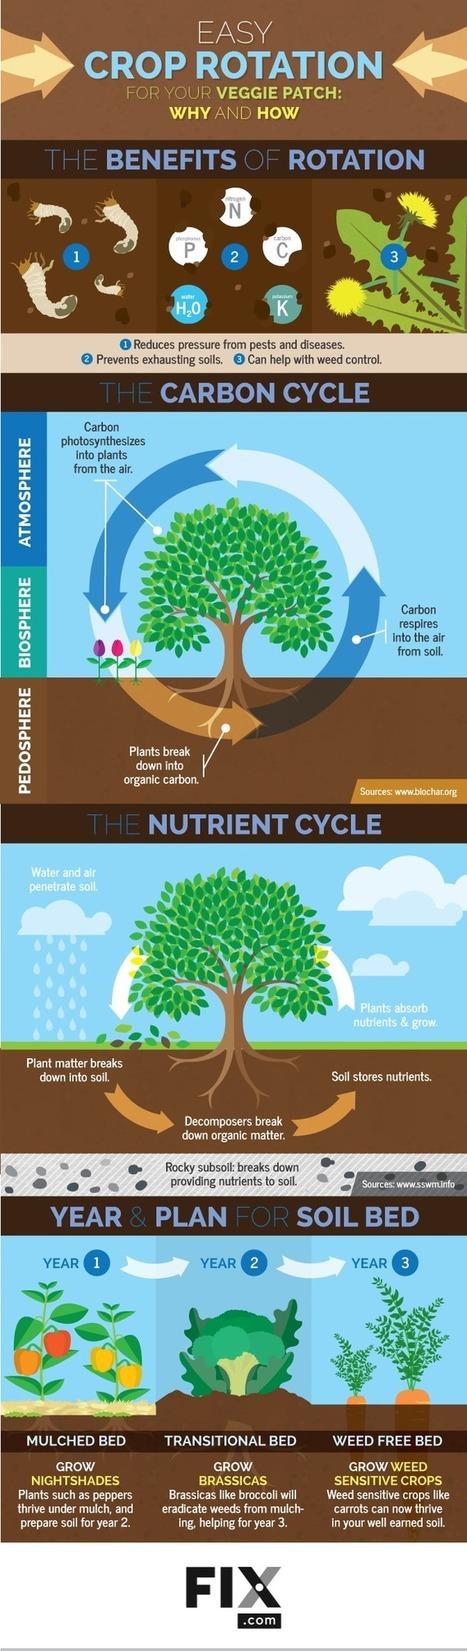 Easy Crop Rotation for Your Garden | Gardening | Scoop.it